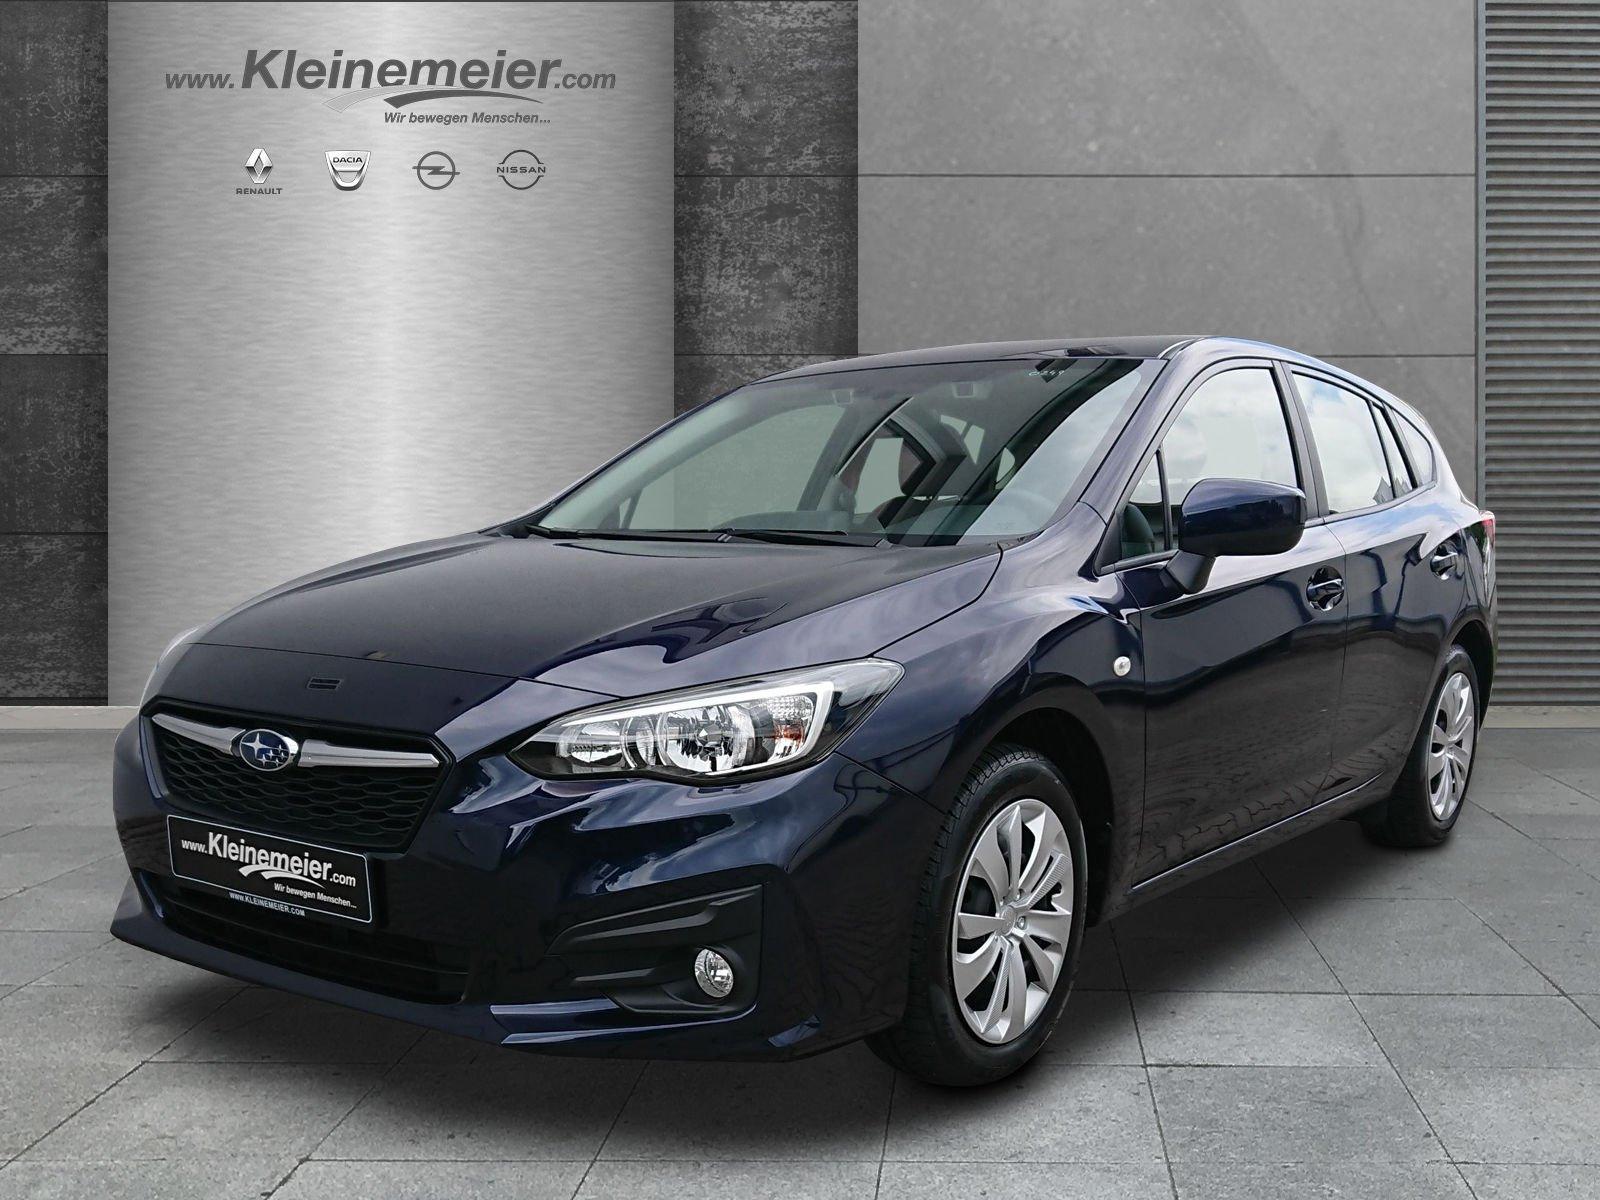 Subaru Impreza 1.6i Trend*Automatik*4x4*Navi*SHZ*PDC*, Jahr 2018, Benzin